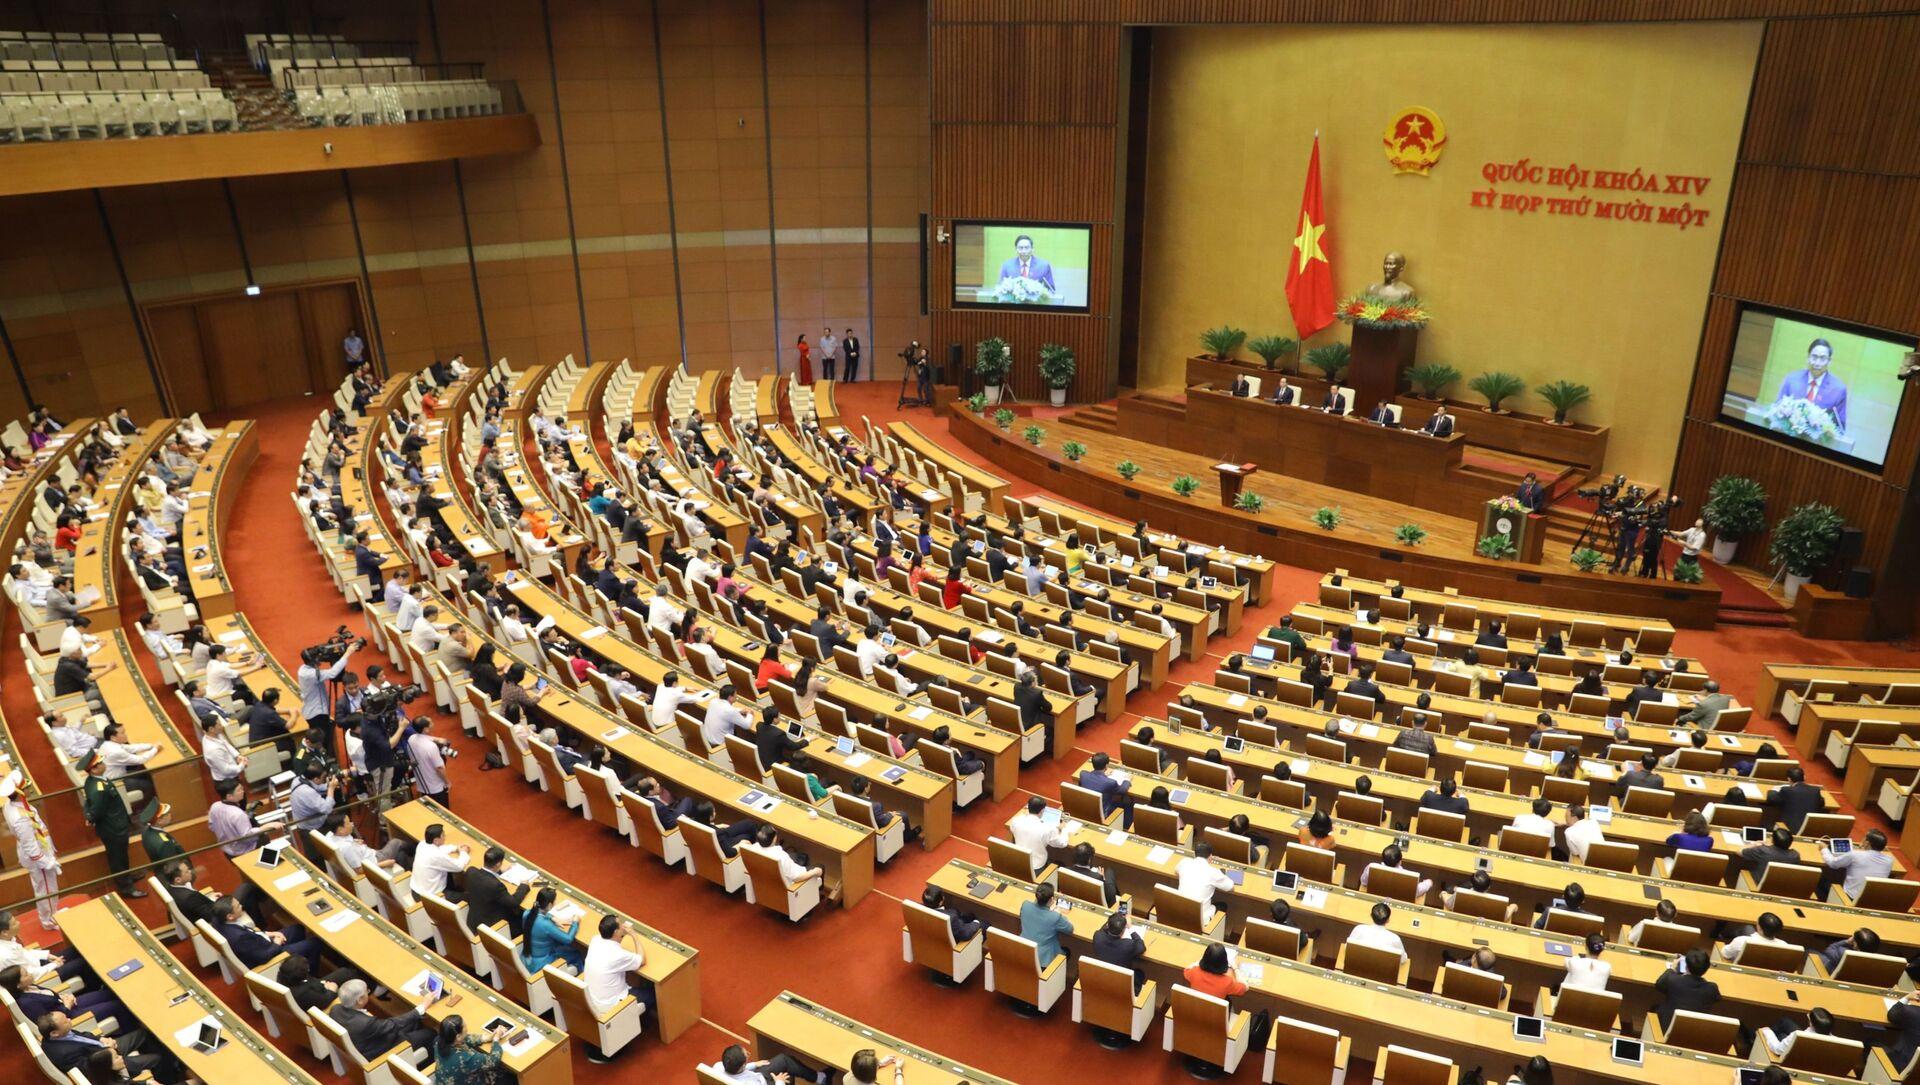 Quốc hội nghe Thủ tướng Chính phủ Phạm Minh Chính phát biểu nhậm chức. - Sputnik Việt Nam, 1920, 21.04.2021